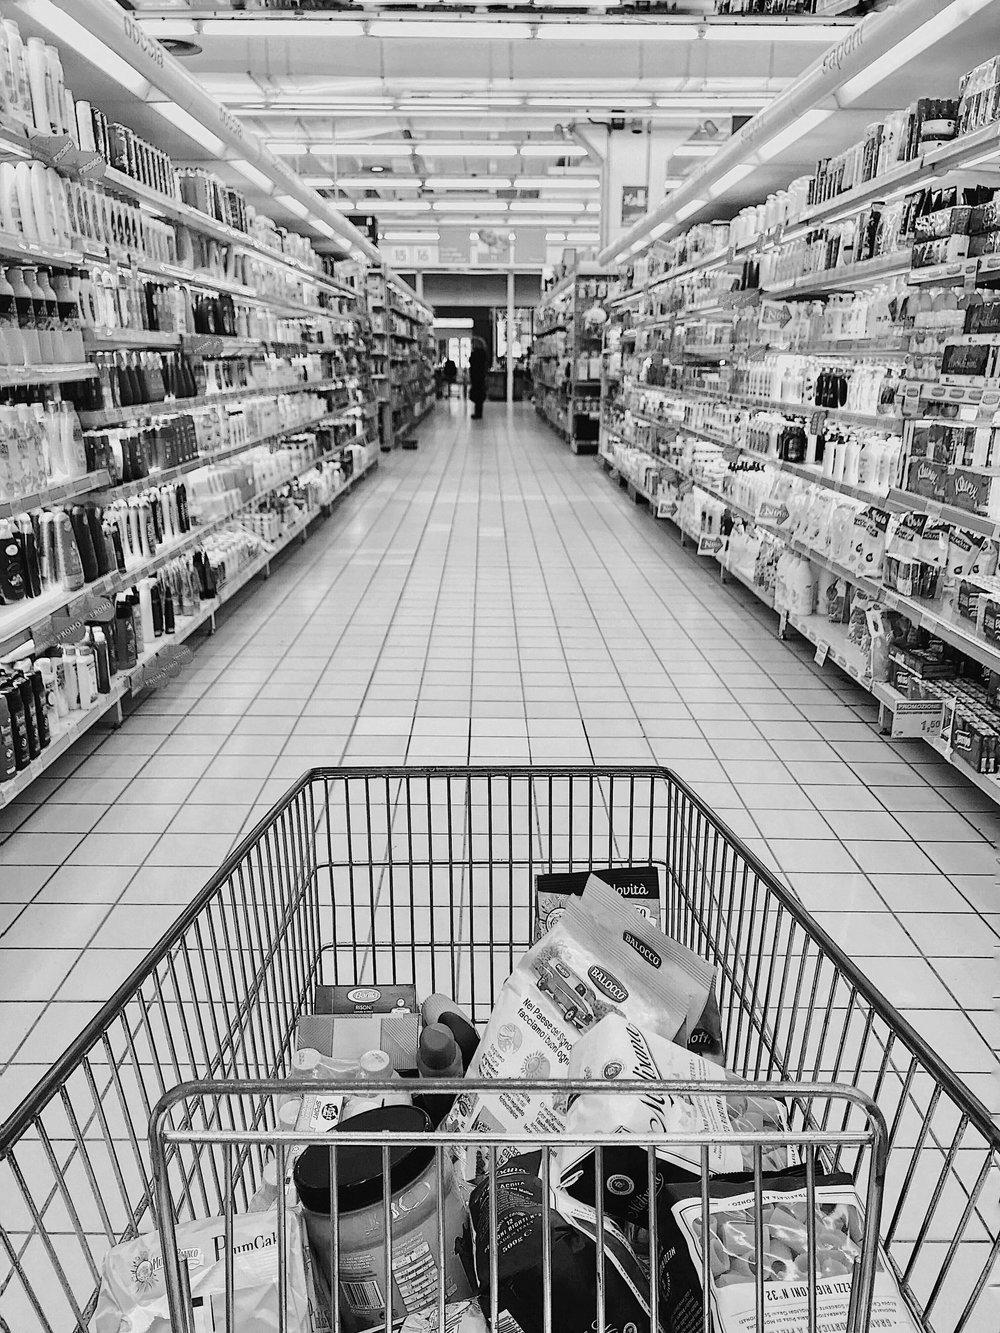 Wi-Fi HaLow in Retail Shopping Cart